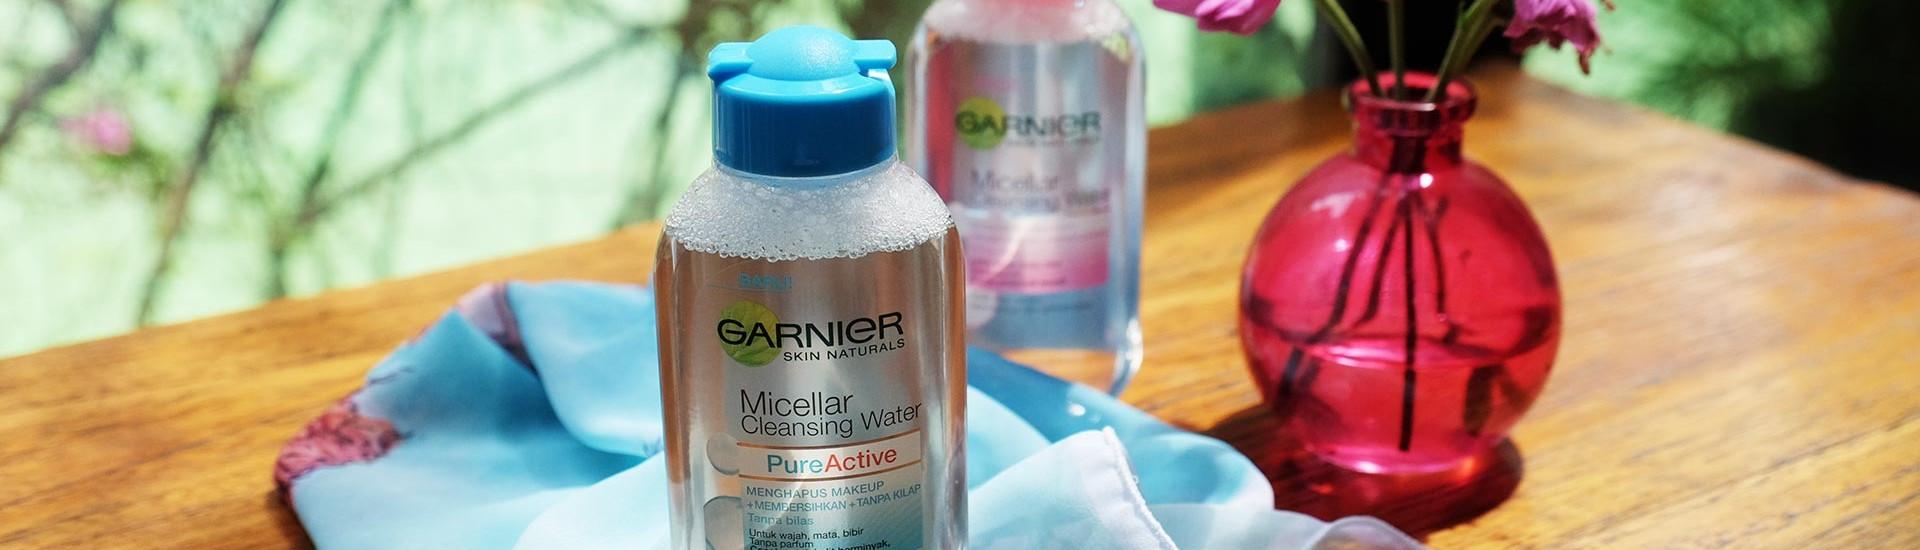 ohelterskelter.com garnier micellar water